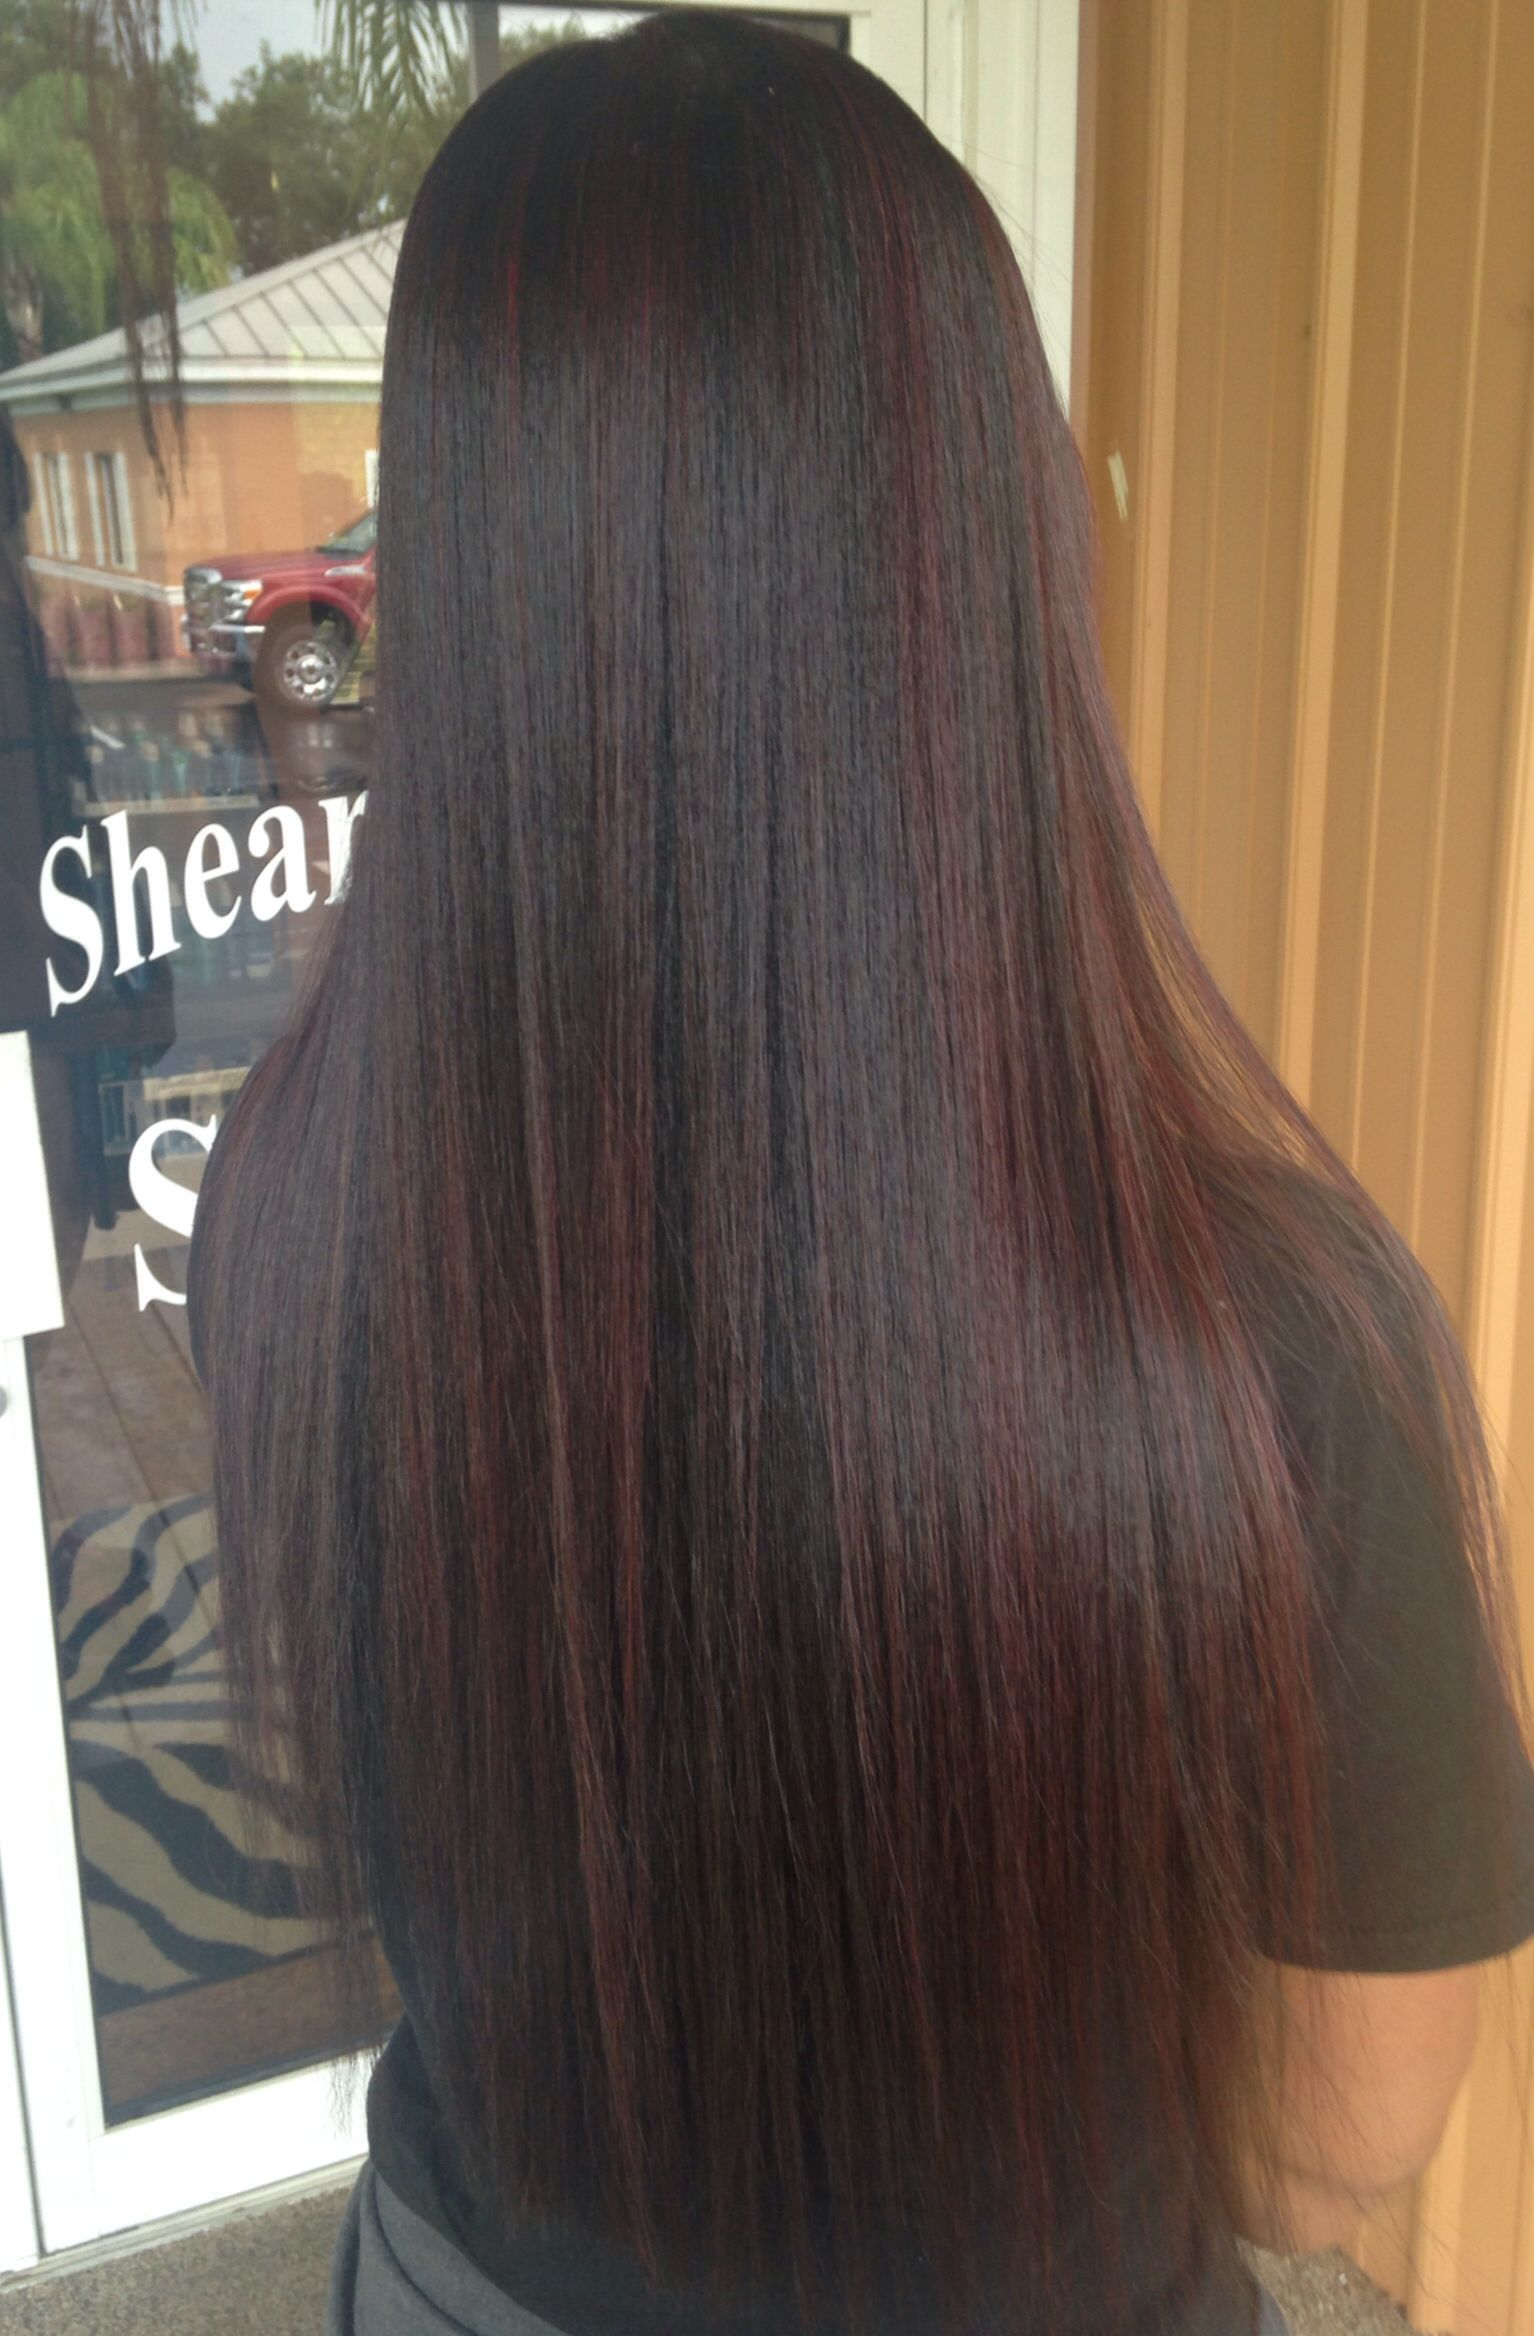 Subtle Red Highlights Hair Color Dark Blonde Ombre Short Hair Dark Blonde Hair Color